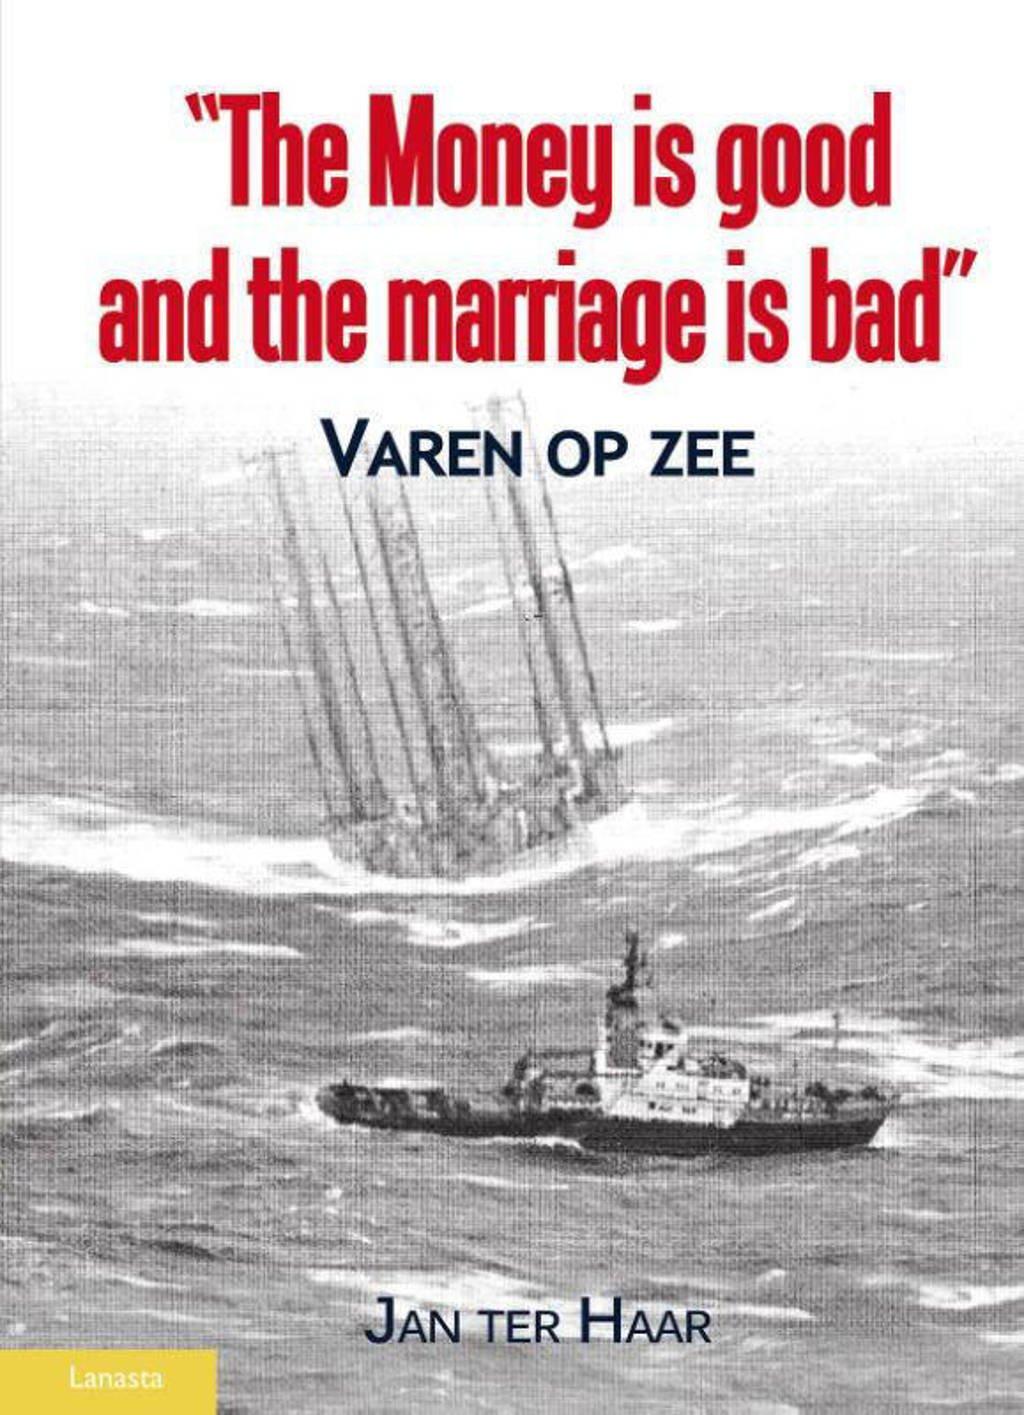 The money is good, the marriage is bad - Jan ter Haar